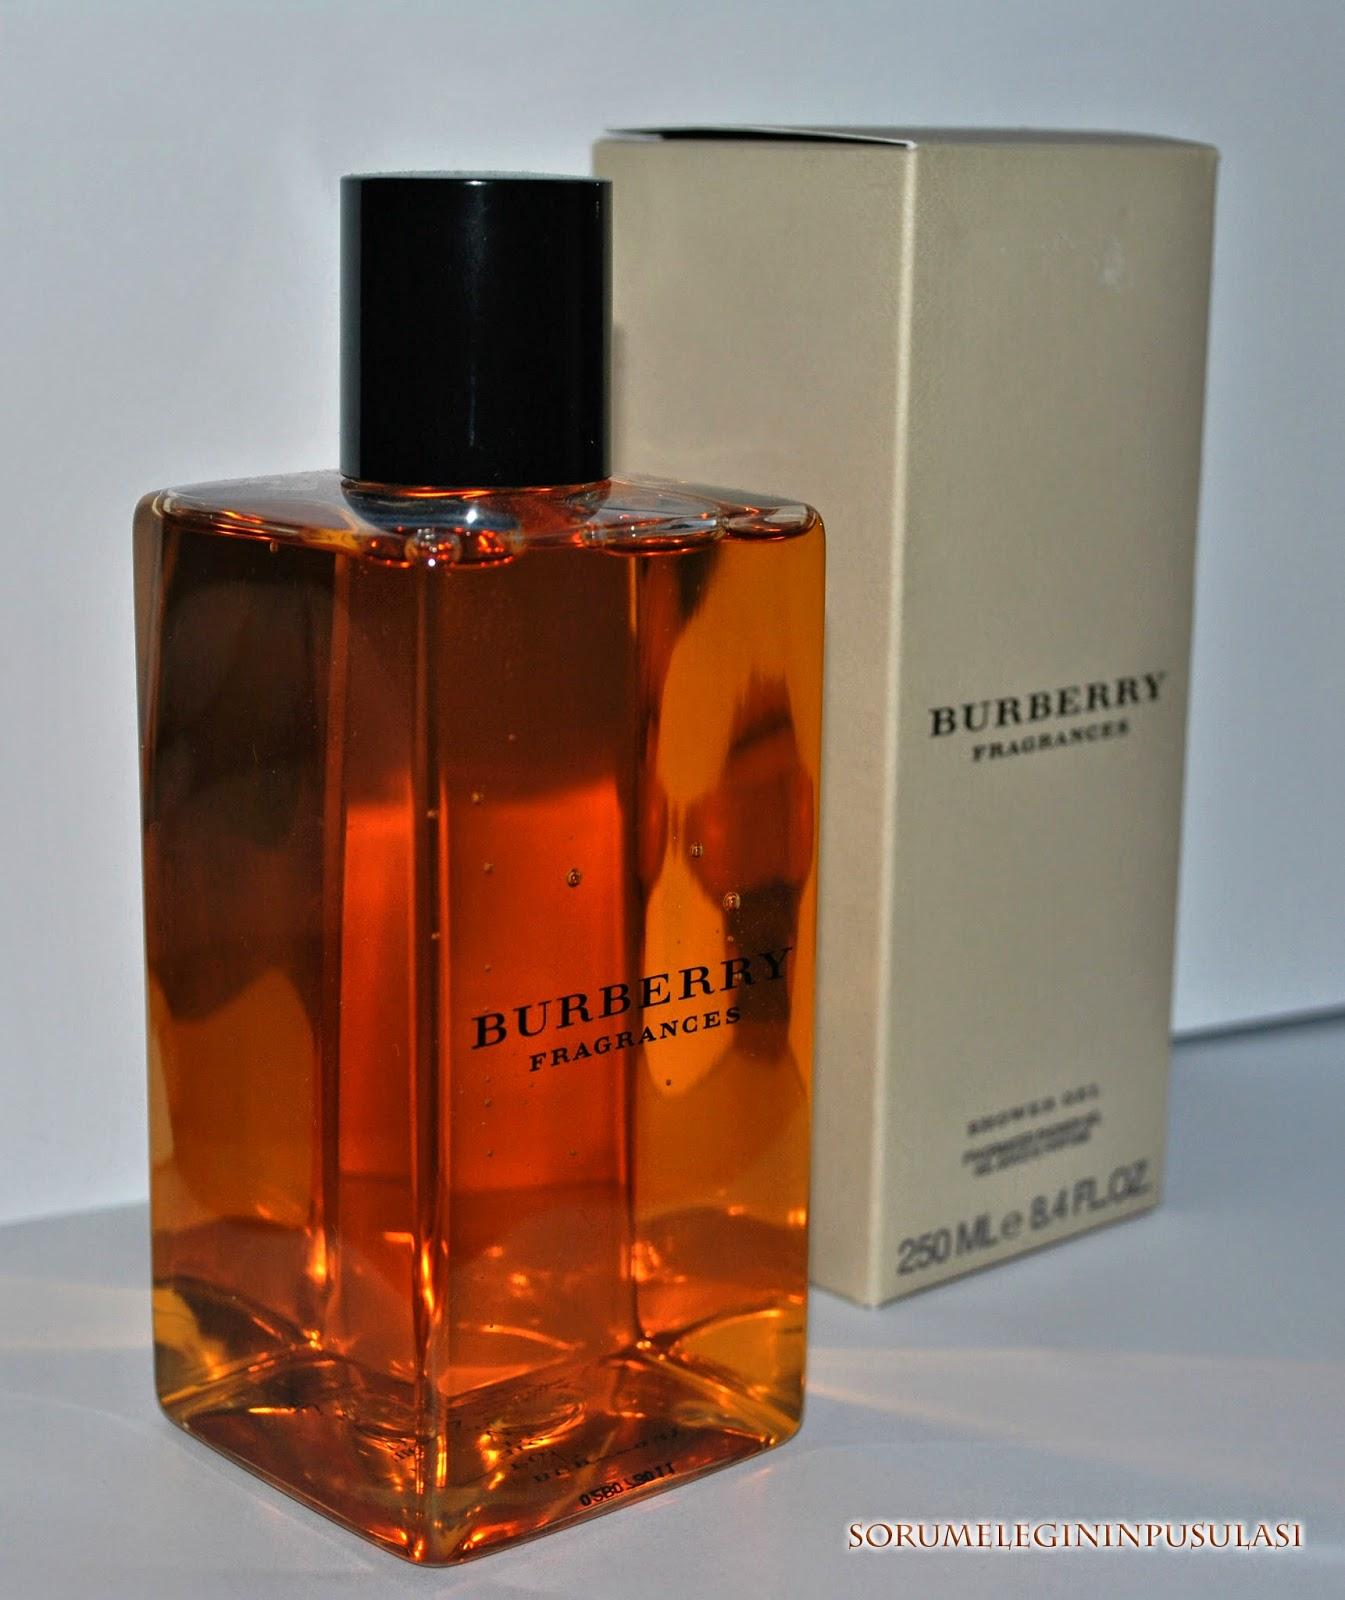 burberry duş jeli-burberry shower gel-hediye-çekiliş-çekilişvar-cekilis-cekilisvar-giveaway-yeniyıl-new year-kozmetik-cosmetic